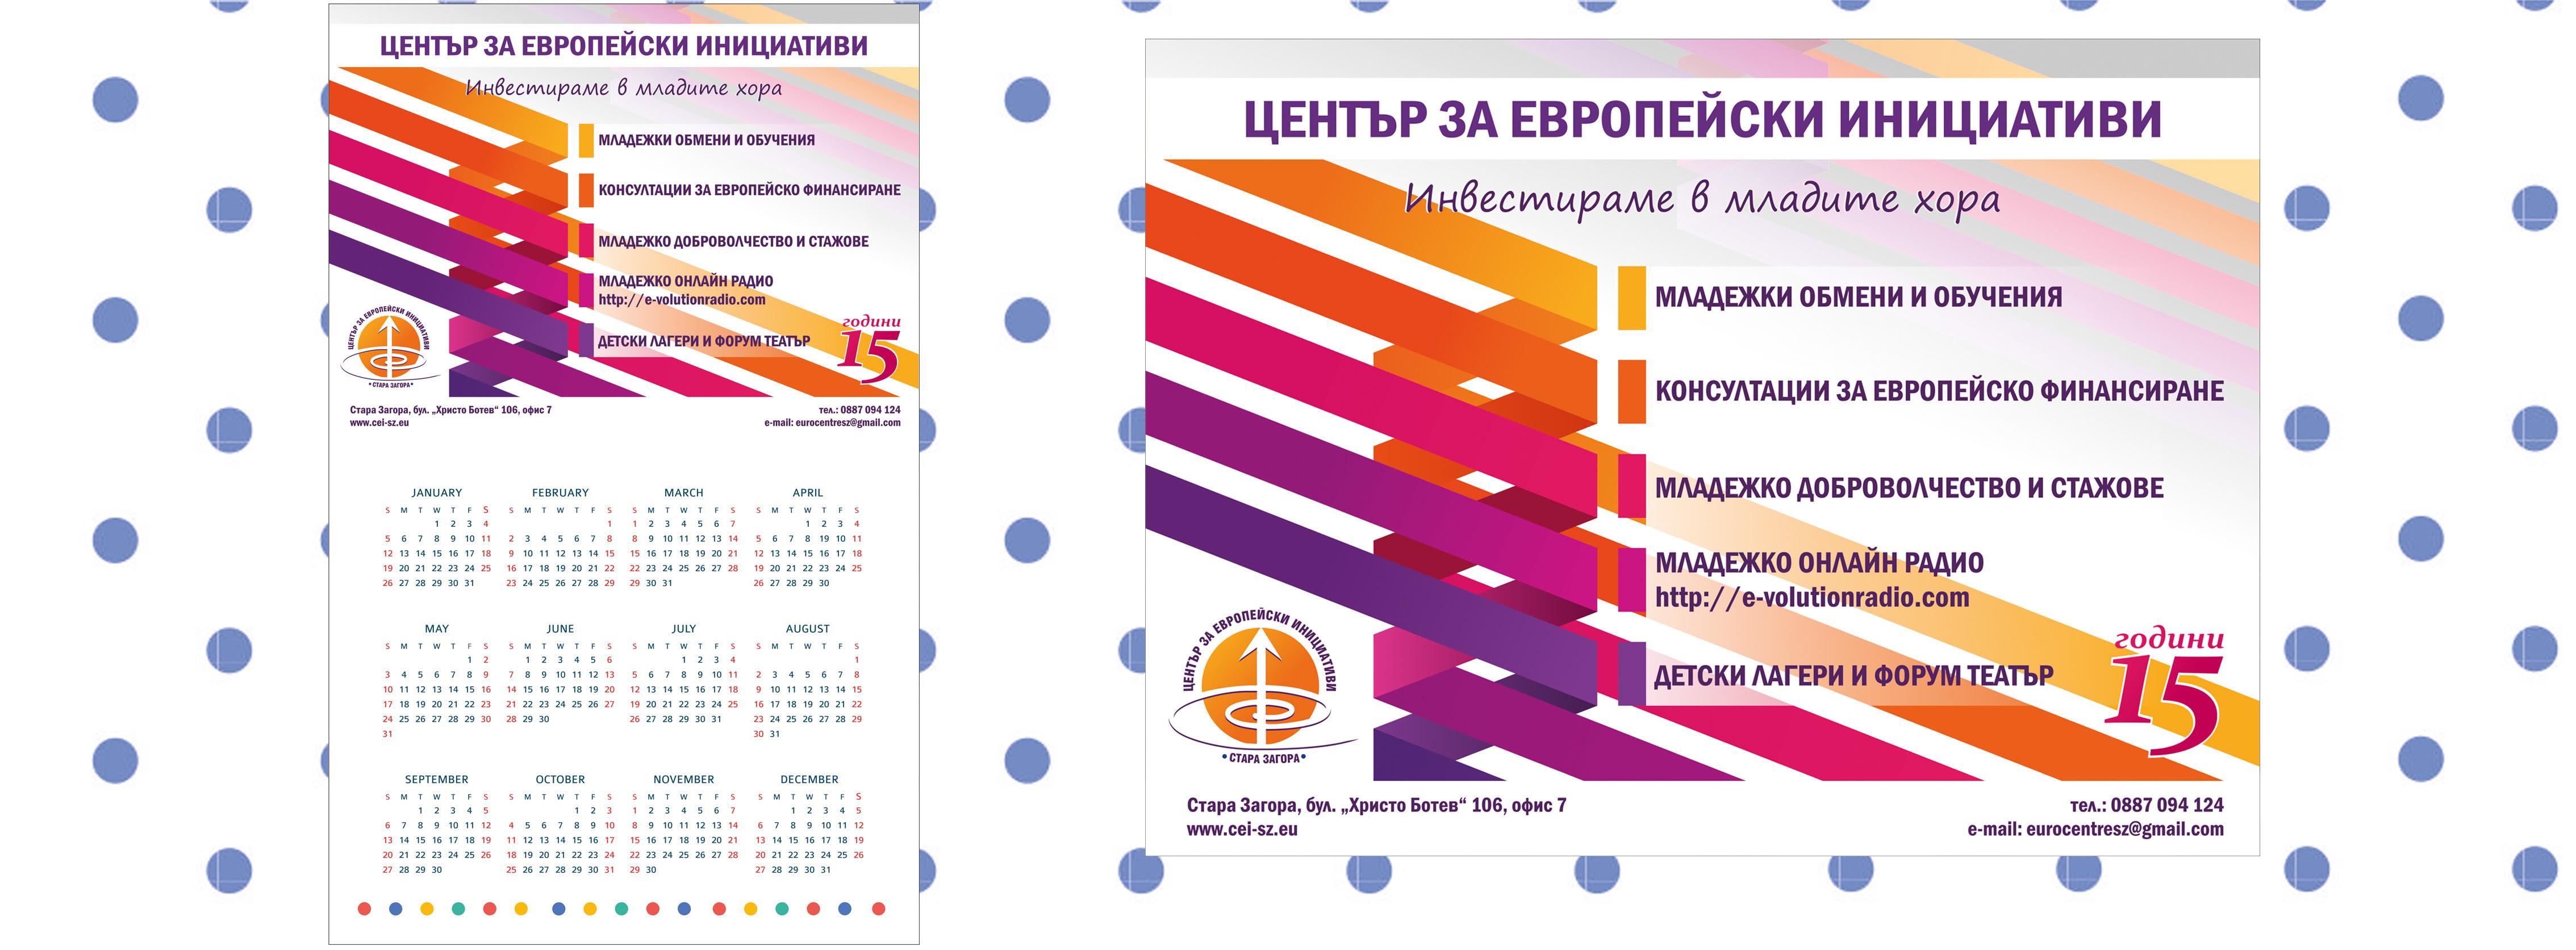 CEI-big-kalendar